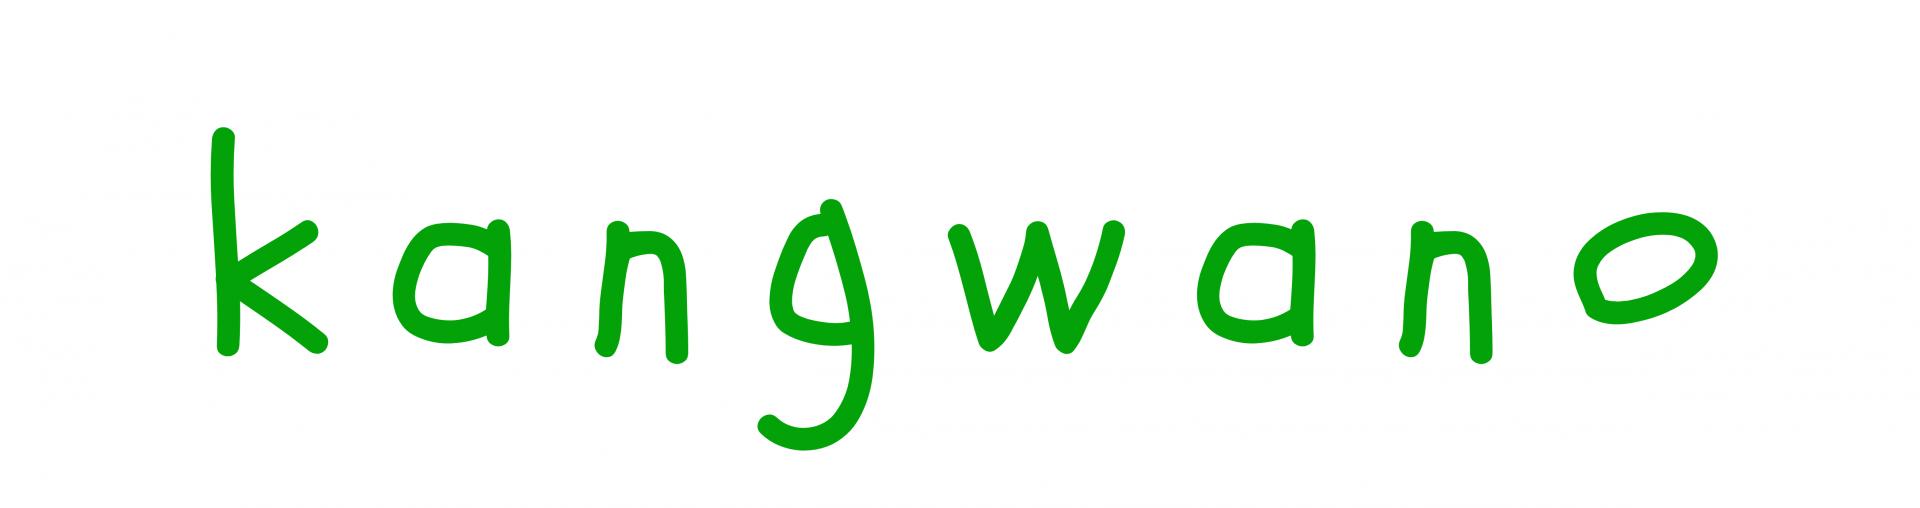 kangwano